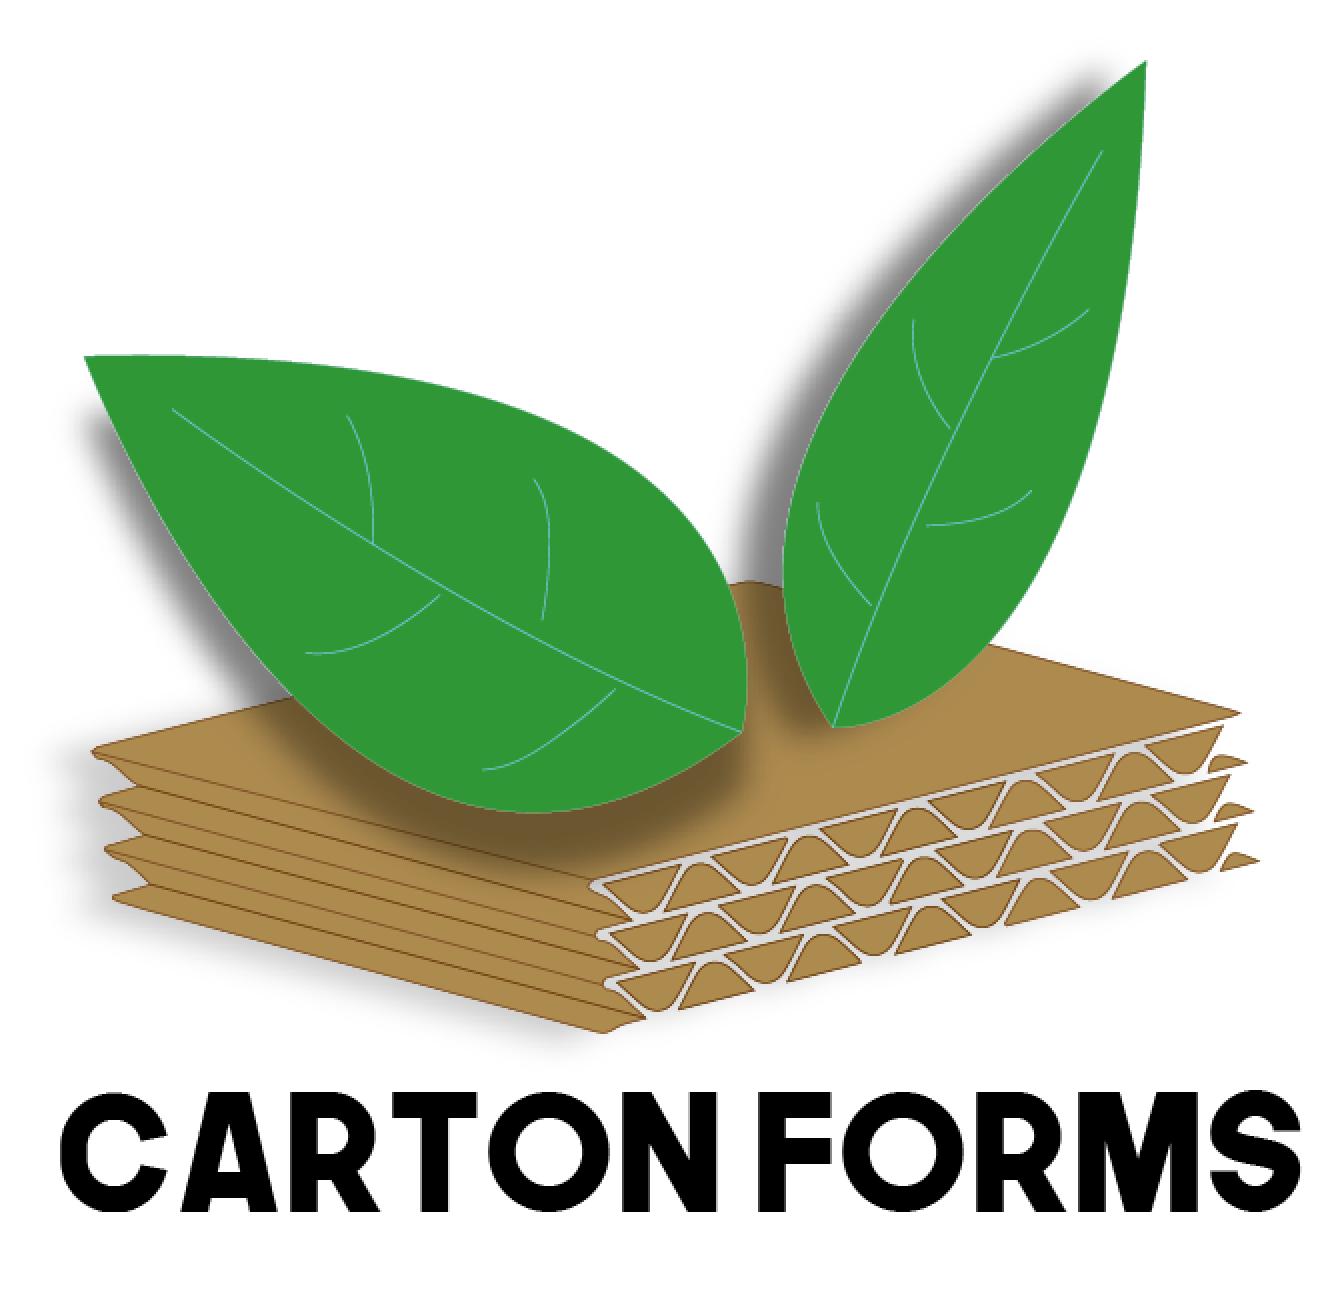 Carton-Forms